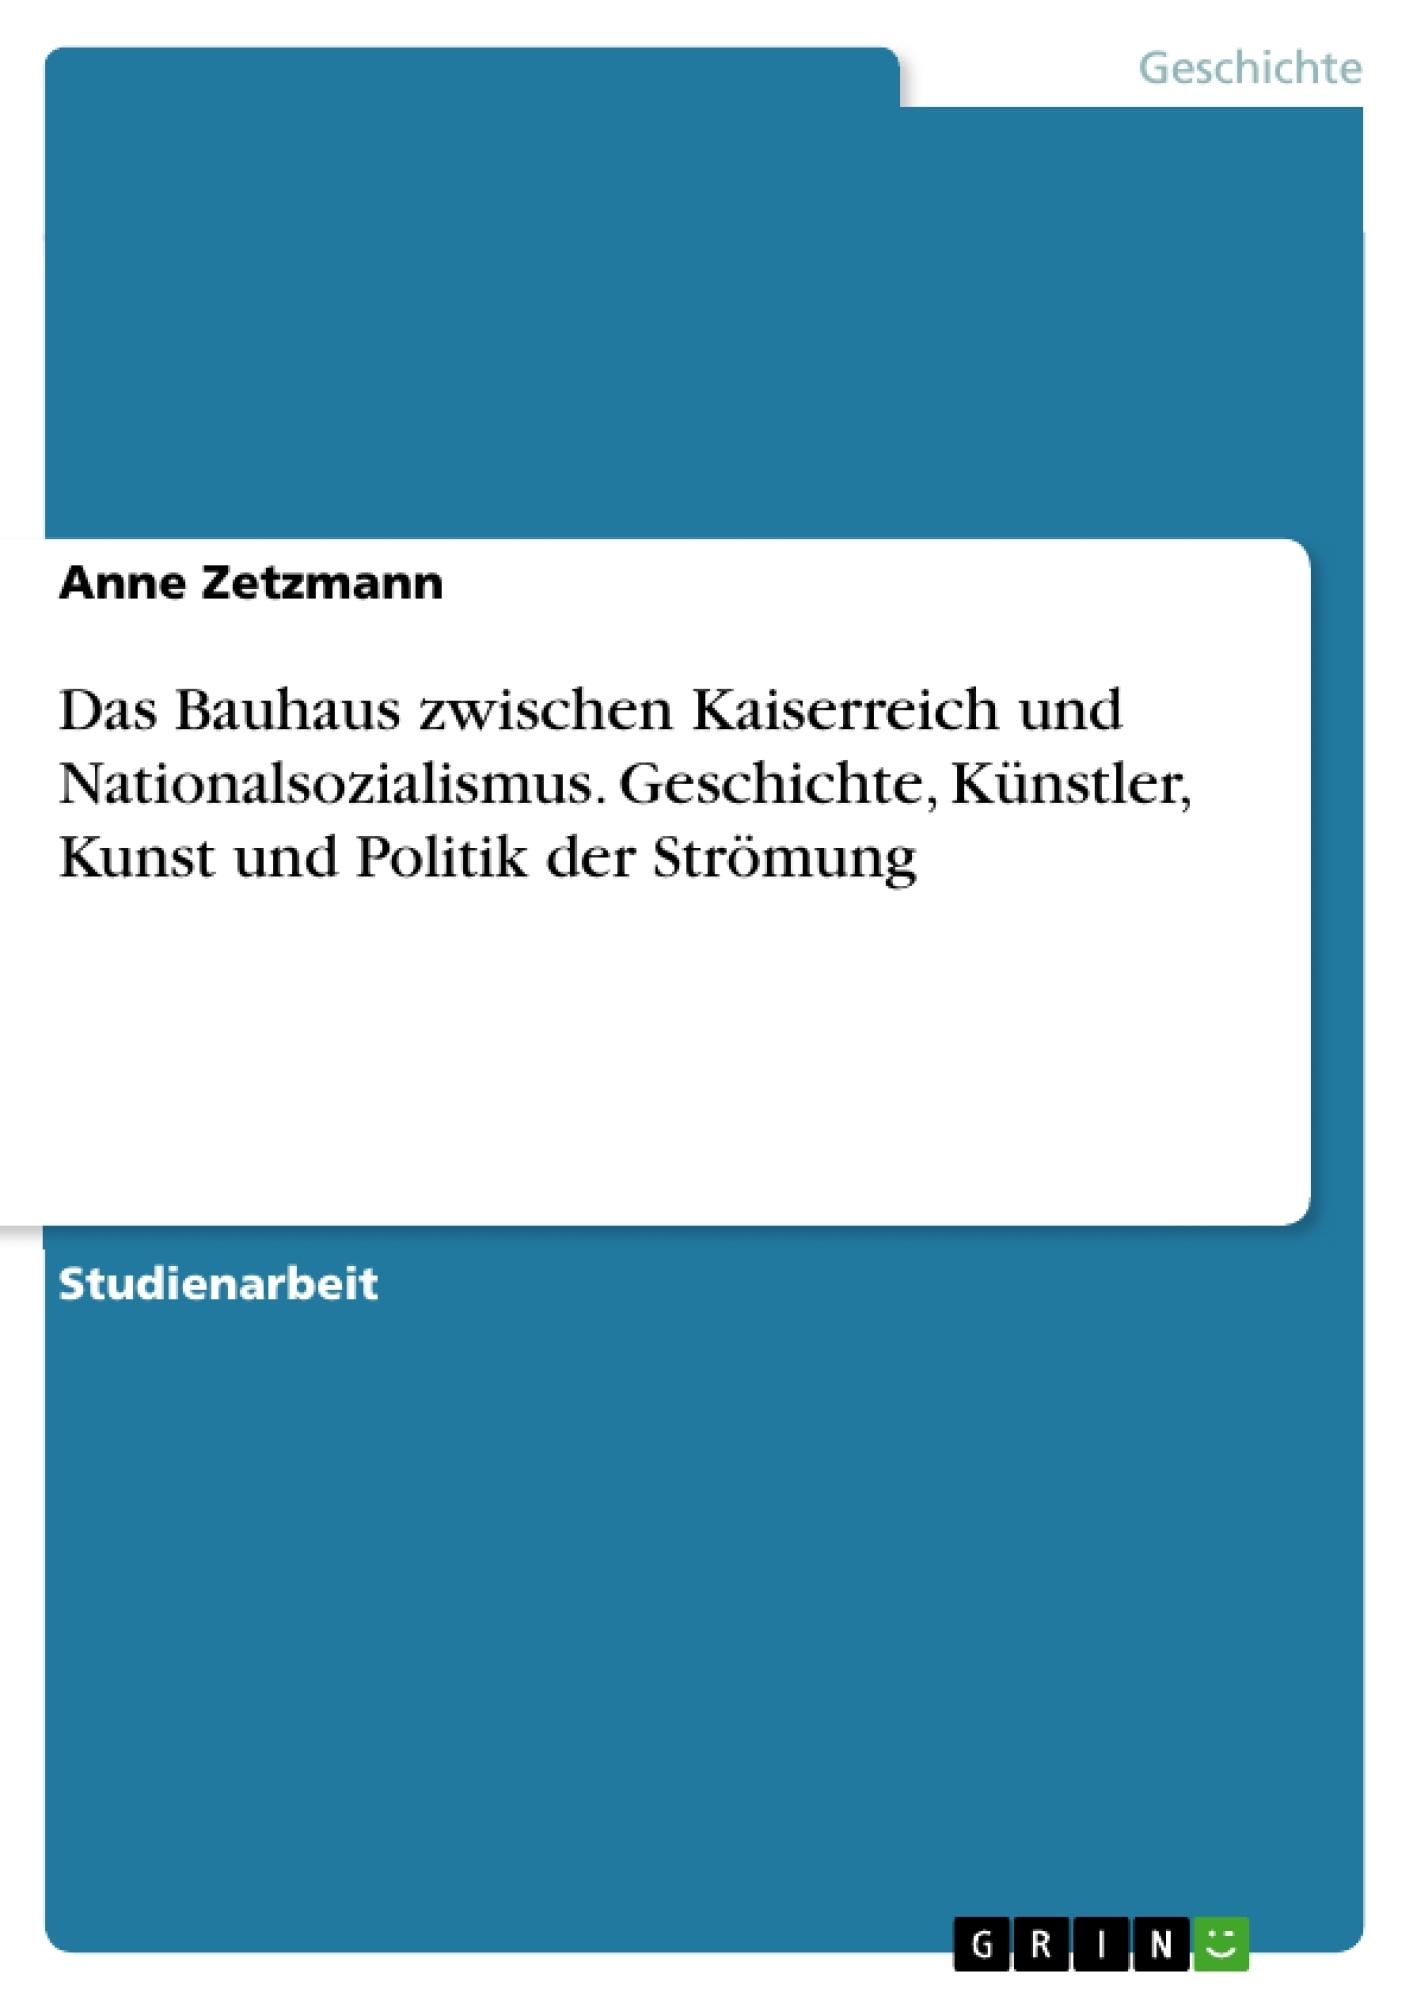 Titel: Das Bauhaus zwischen Kaiserreich und Nationalsozialismus. Geschichte, Künstler, Kunst und Politik der Strömung